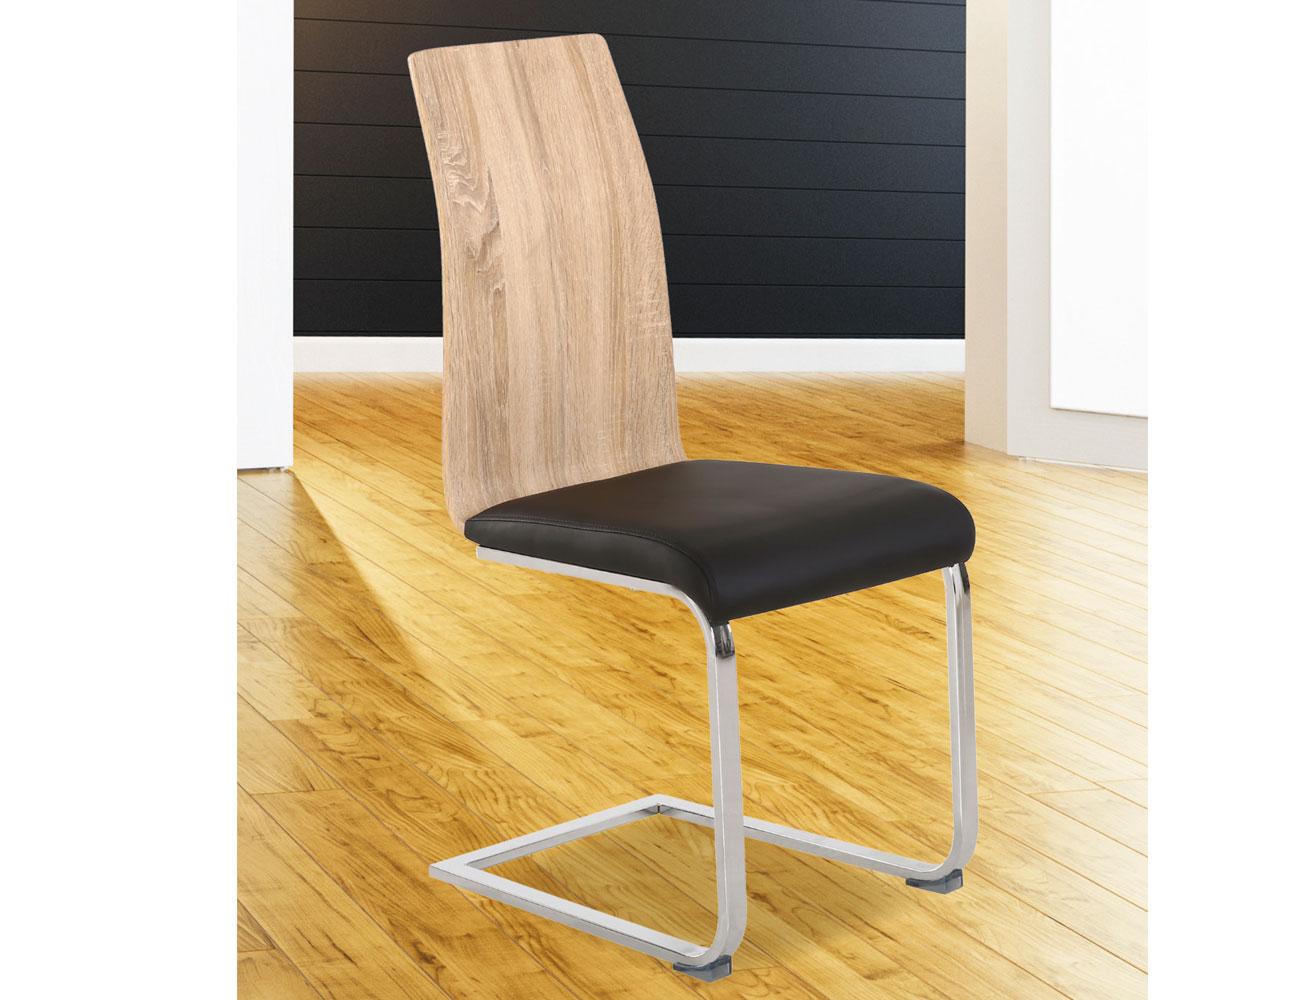 Sillas comedor colores silla de comedor moderna color for Sillas comedor polipiel